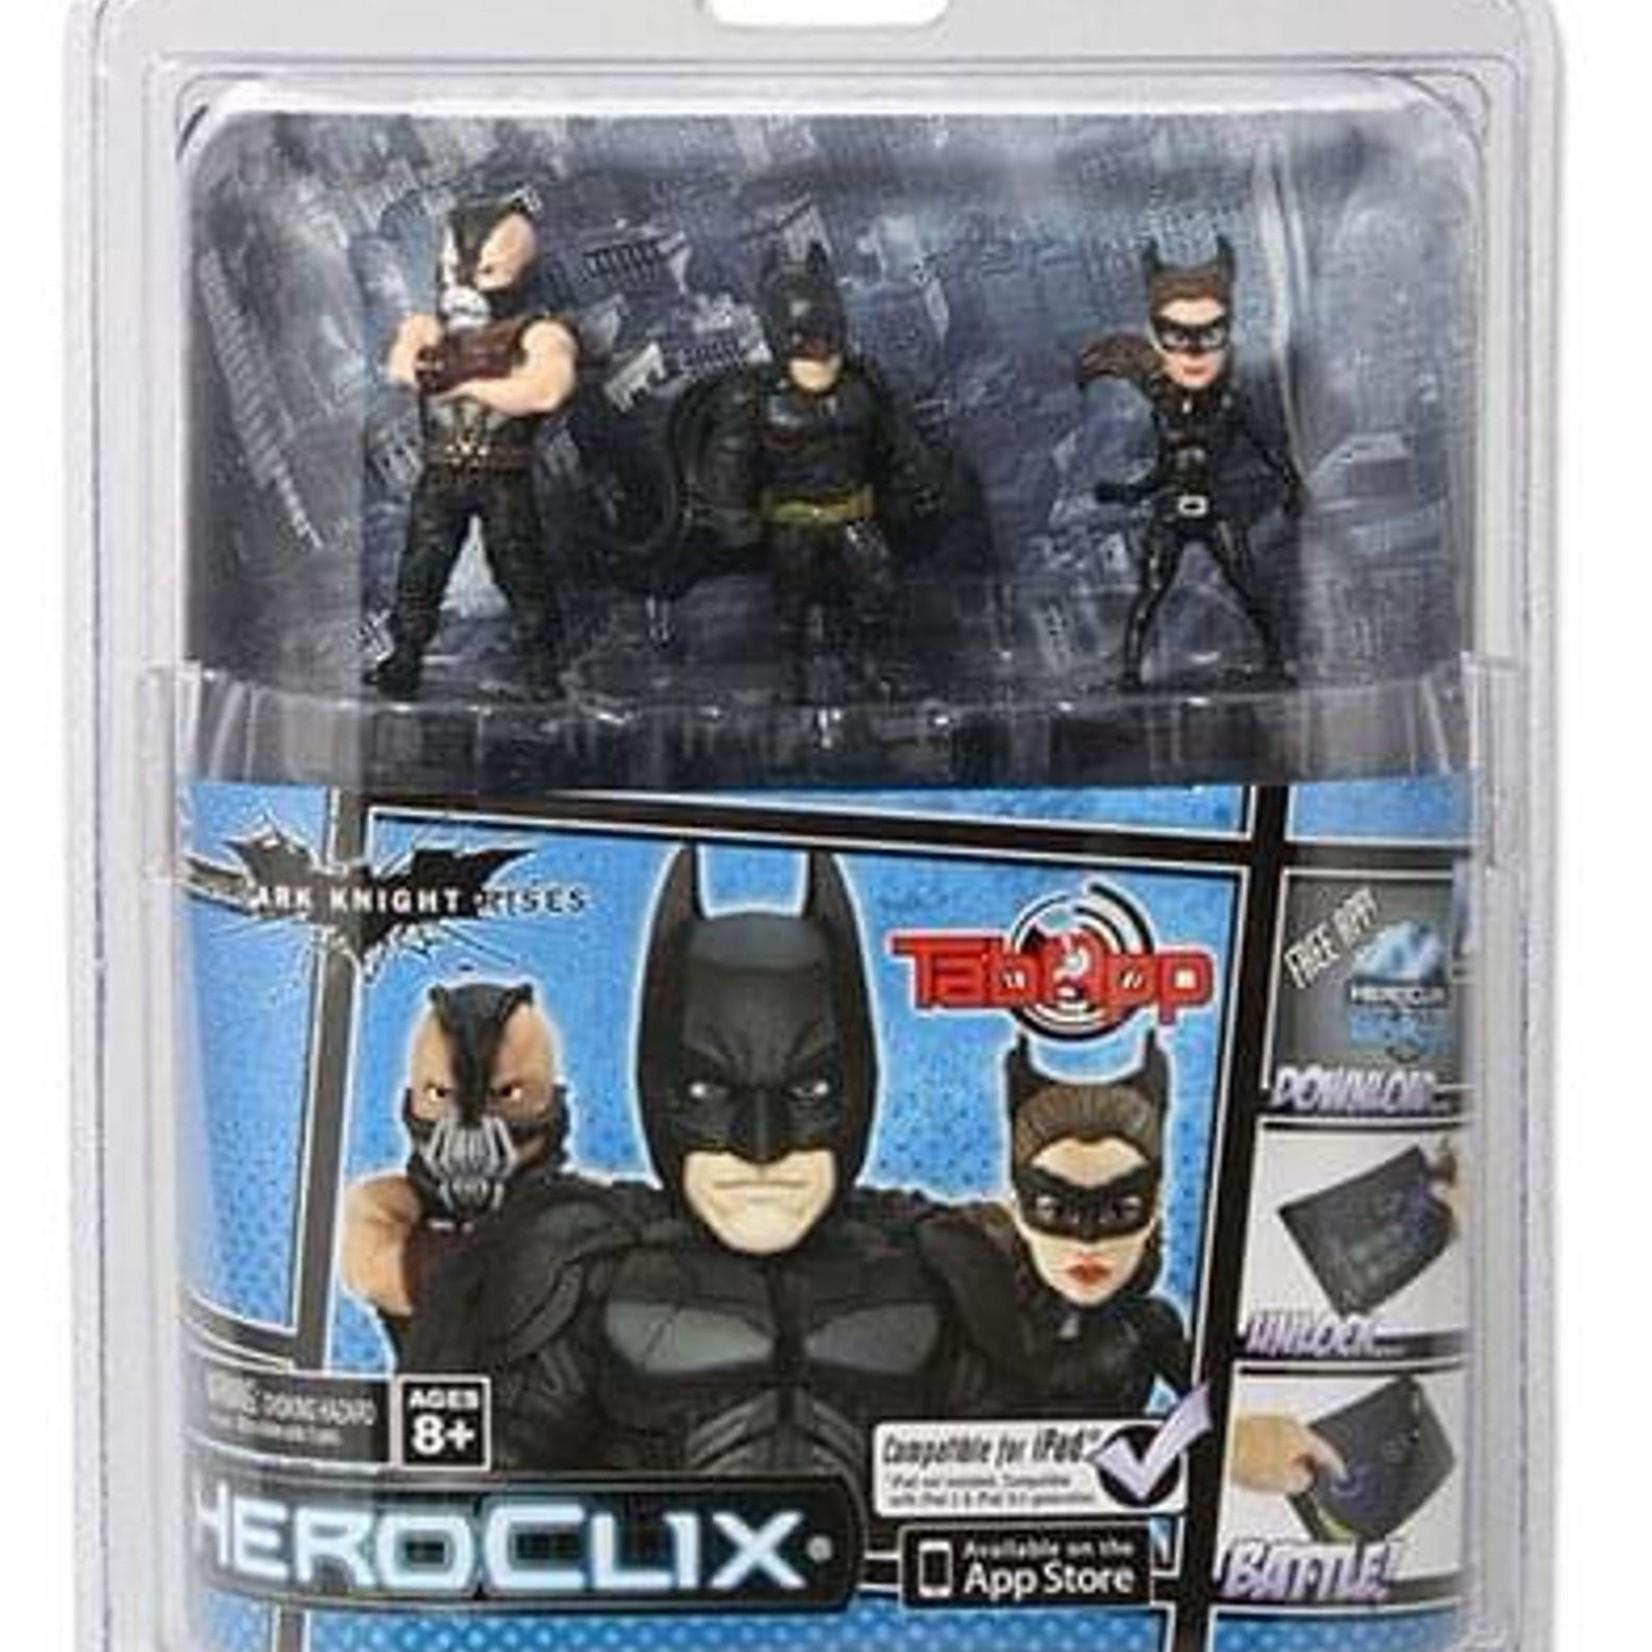 Heroclix - Dark Knight Series